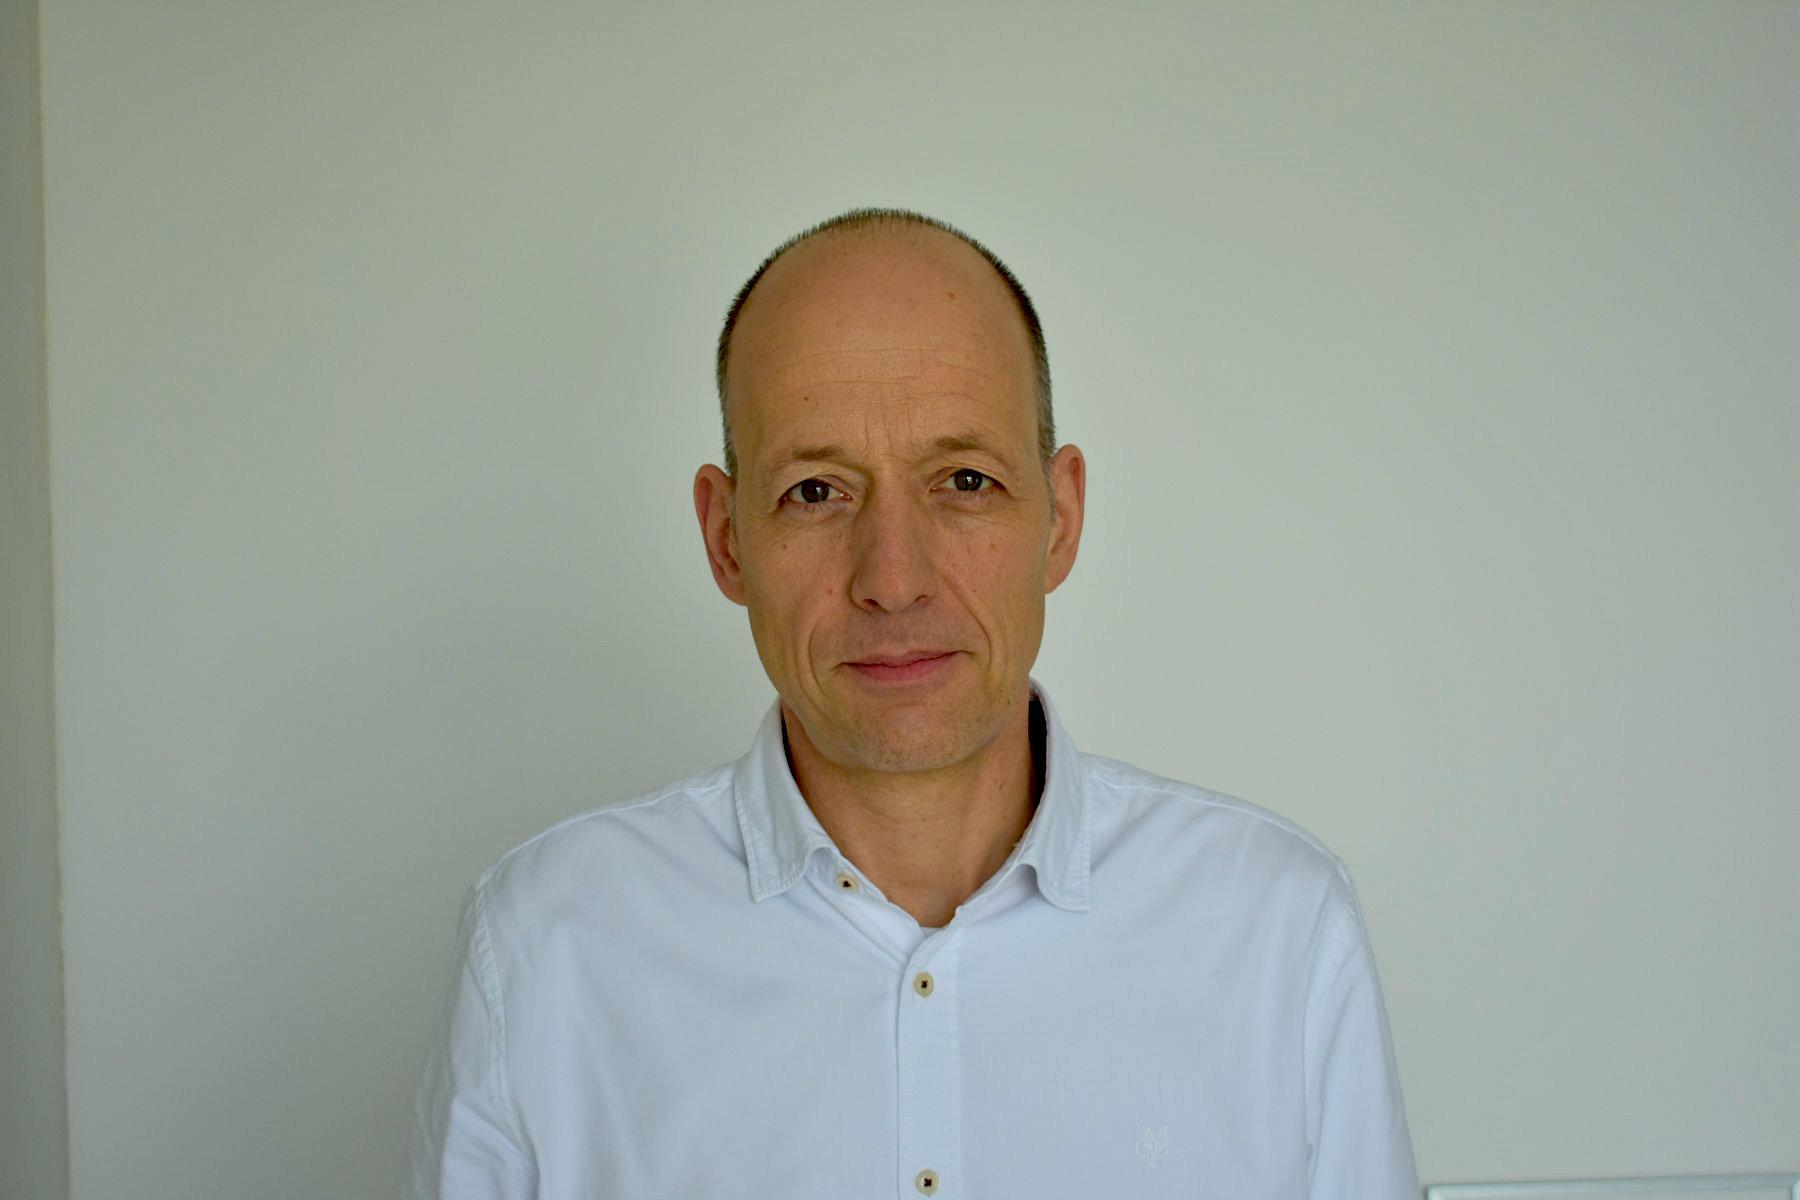 Architekturkongress mit Projektvortrag. von Gordian Kley, Tragswerksplaner, merz, kley und partner GmbH.